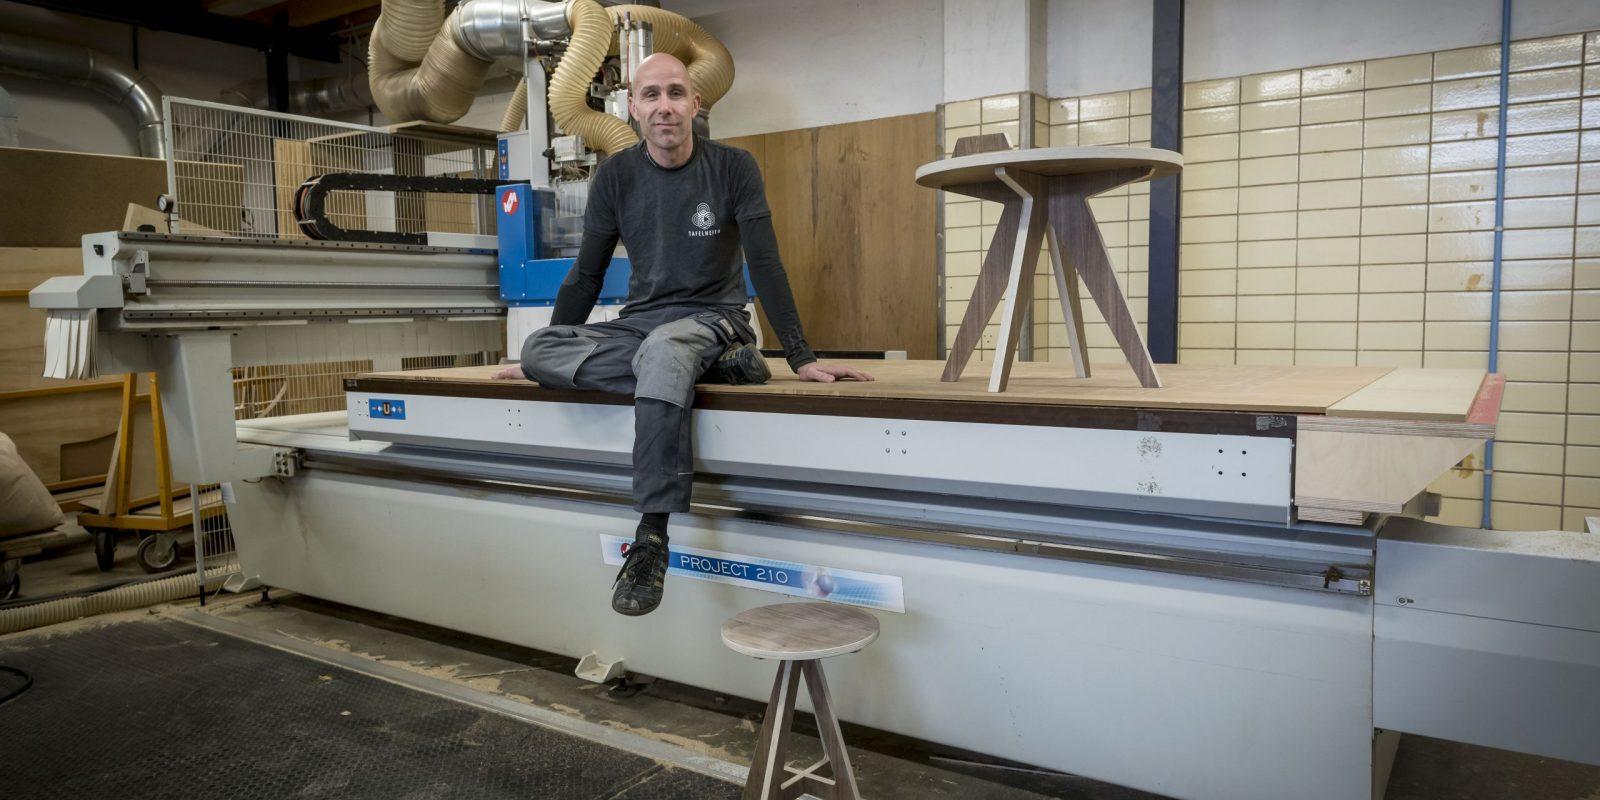 Vakschuur Wonen&Co. Roelf Zersch van De Tafelheren. Foto Geert Job Sevink (beschrijving is niet bedoeld als fotobijschrift)